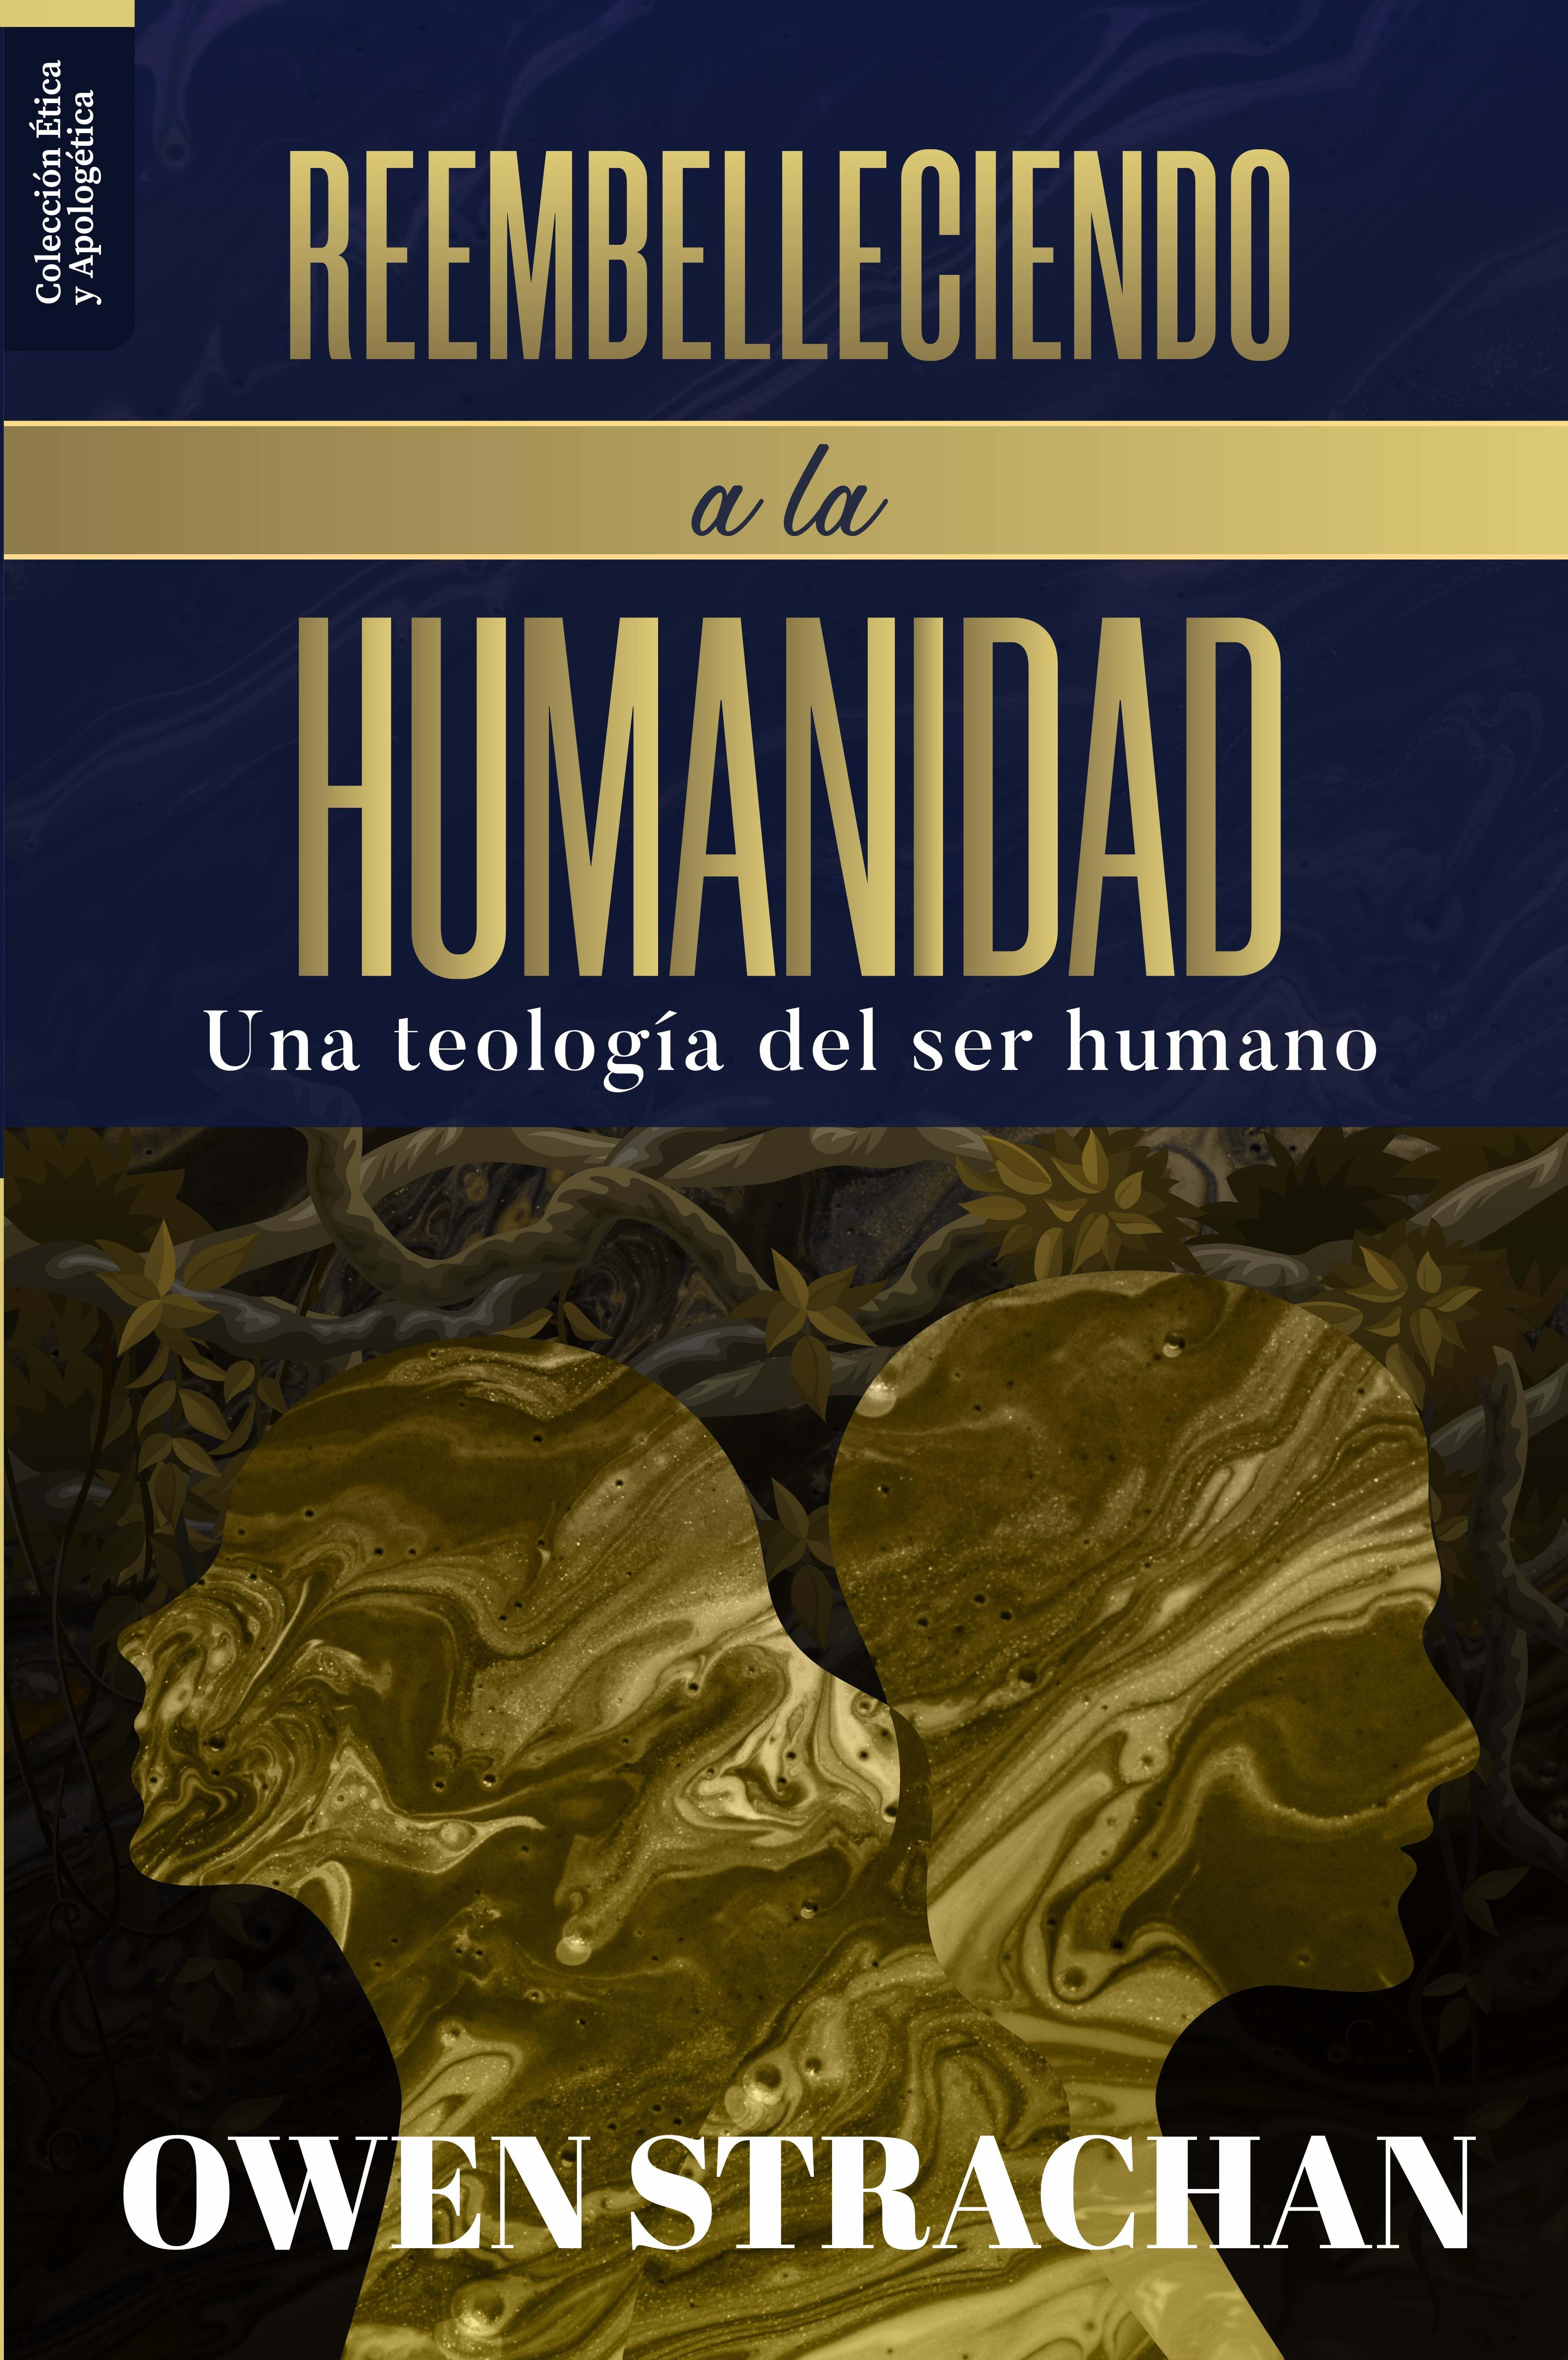 Reembelleciendo a la humanidad  (Nuevo)